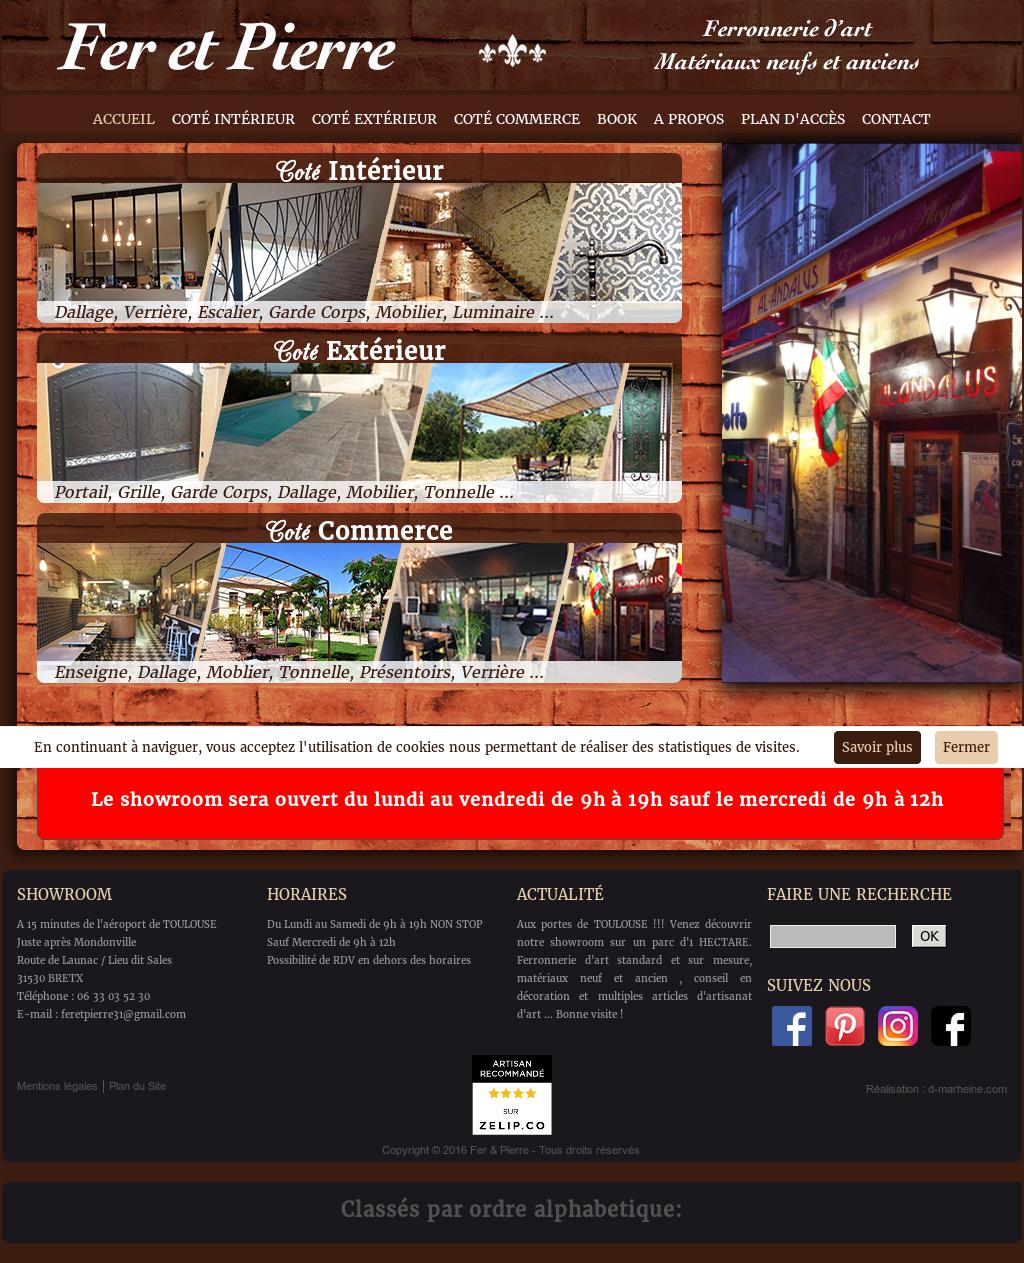 Atelier Du Luminaire Toulouse fer et deco competitors, revenue and employees - owler